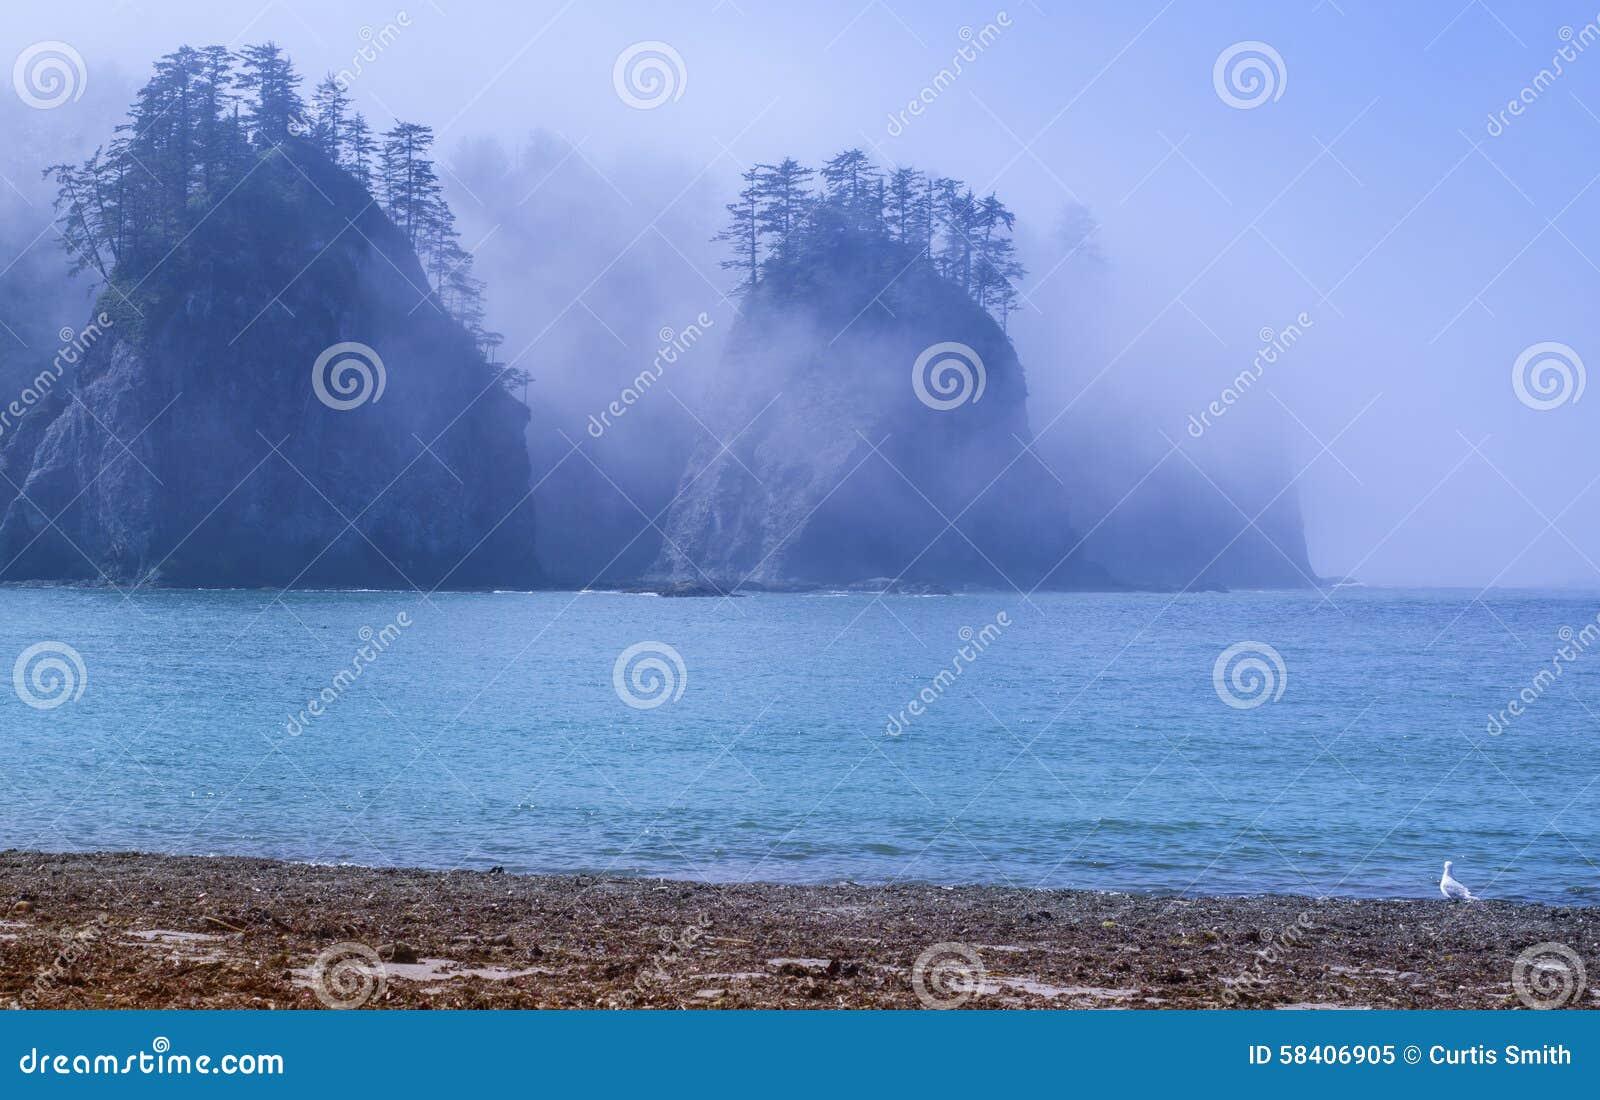 Туман окружает seastacks утеса с деревьями на Тихоокеанском побережье штата Вашингтона